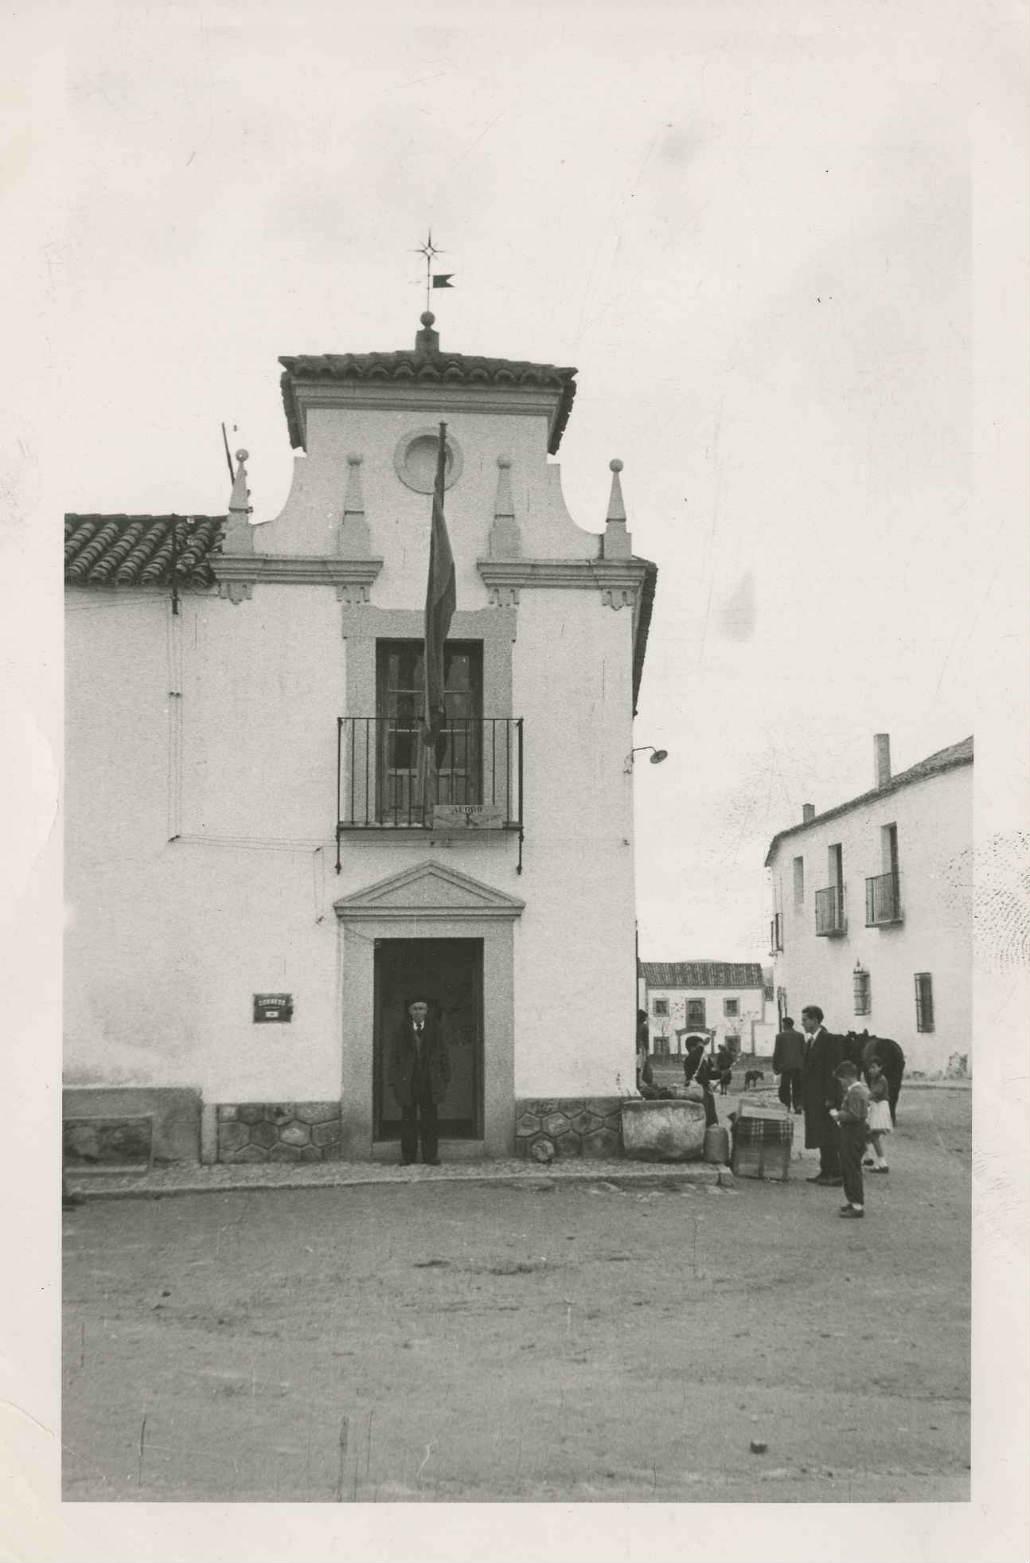 Burguillos de Toledo. Casa Ayuntamiento. 1958 (P-41)